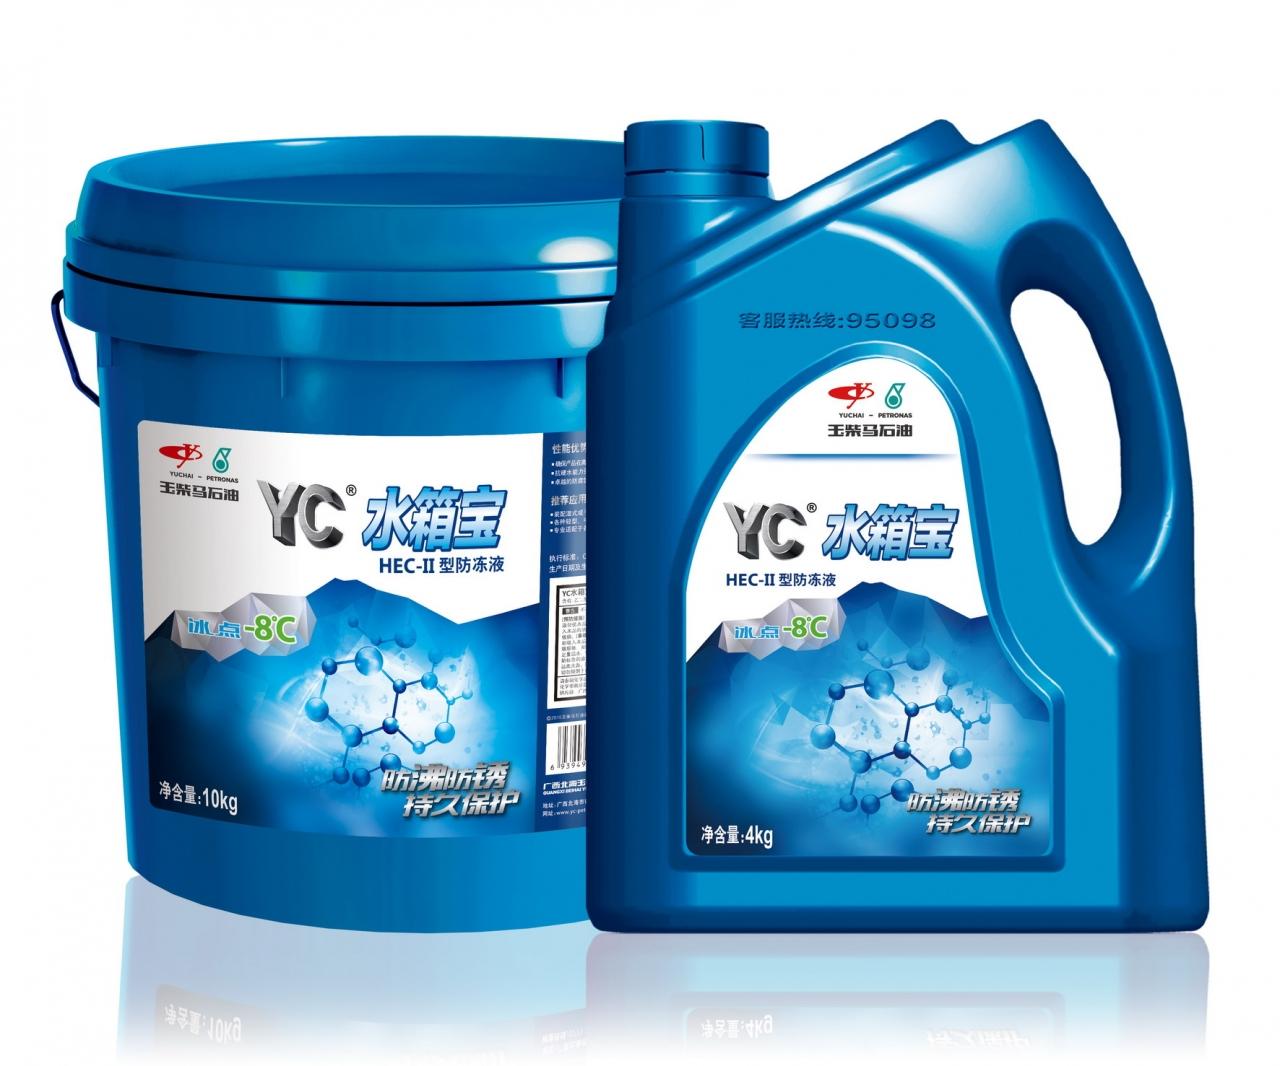 玉柴 YP219224-1 YC 防冻液-25℃ 1*4kg